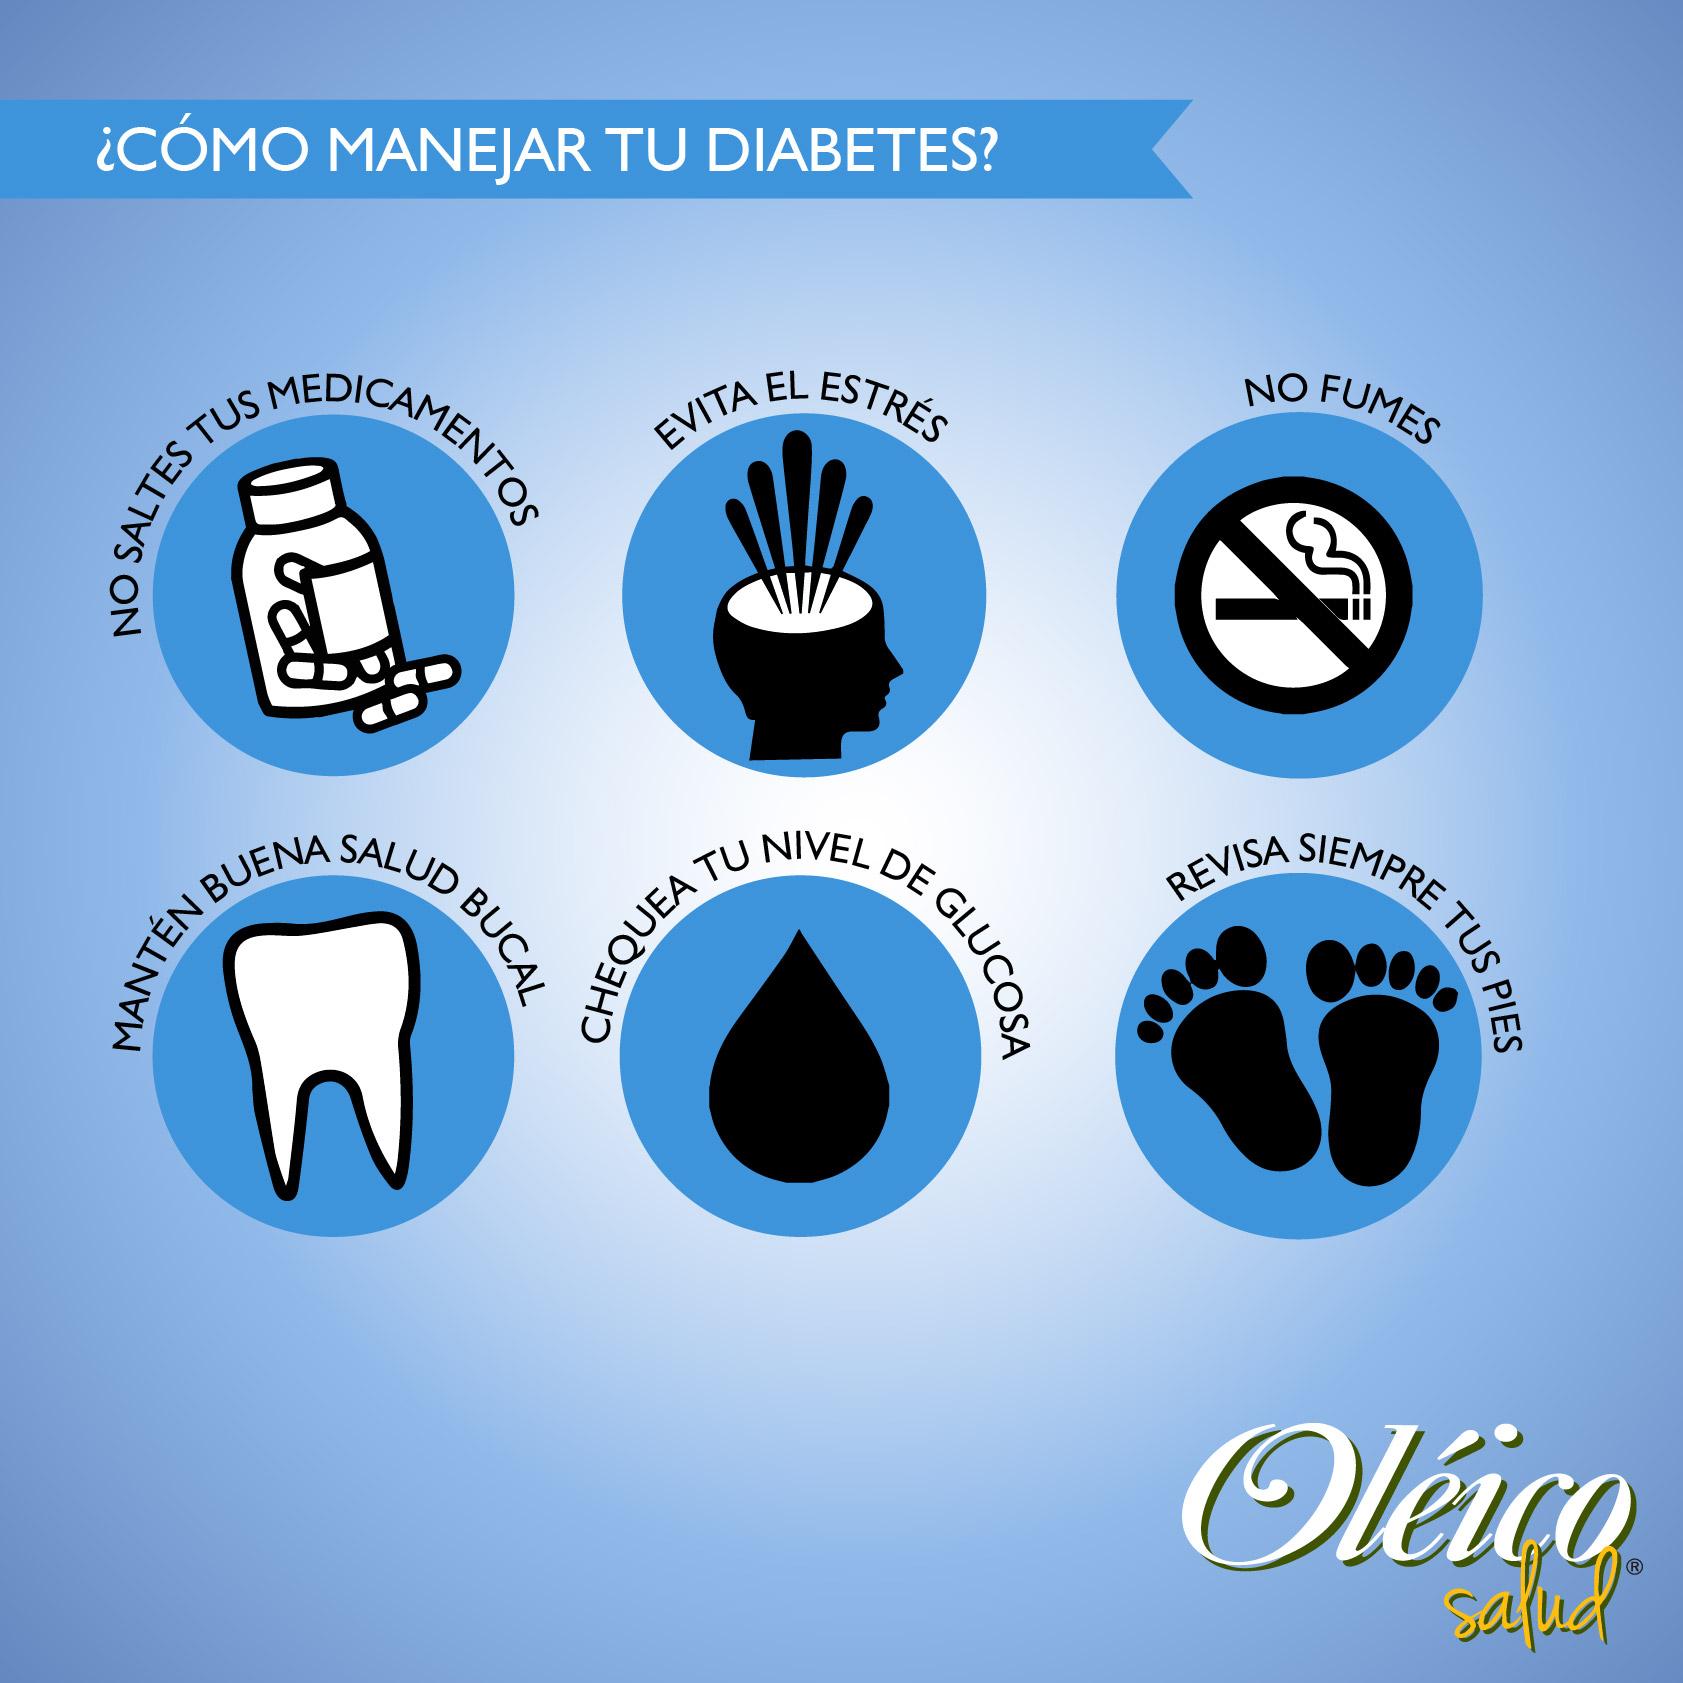 Cómo manejar tu diabetes